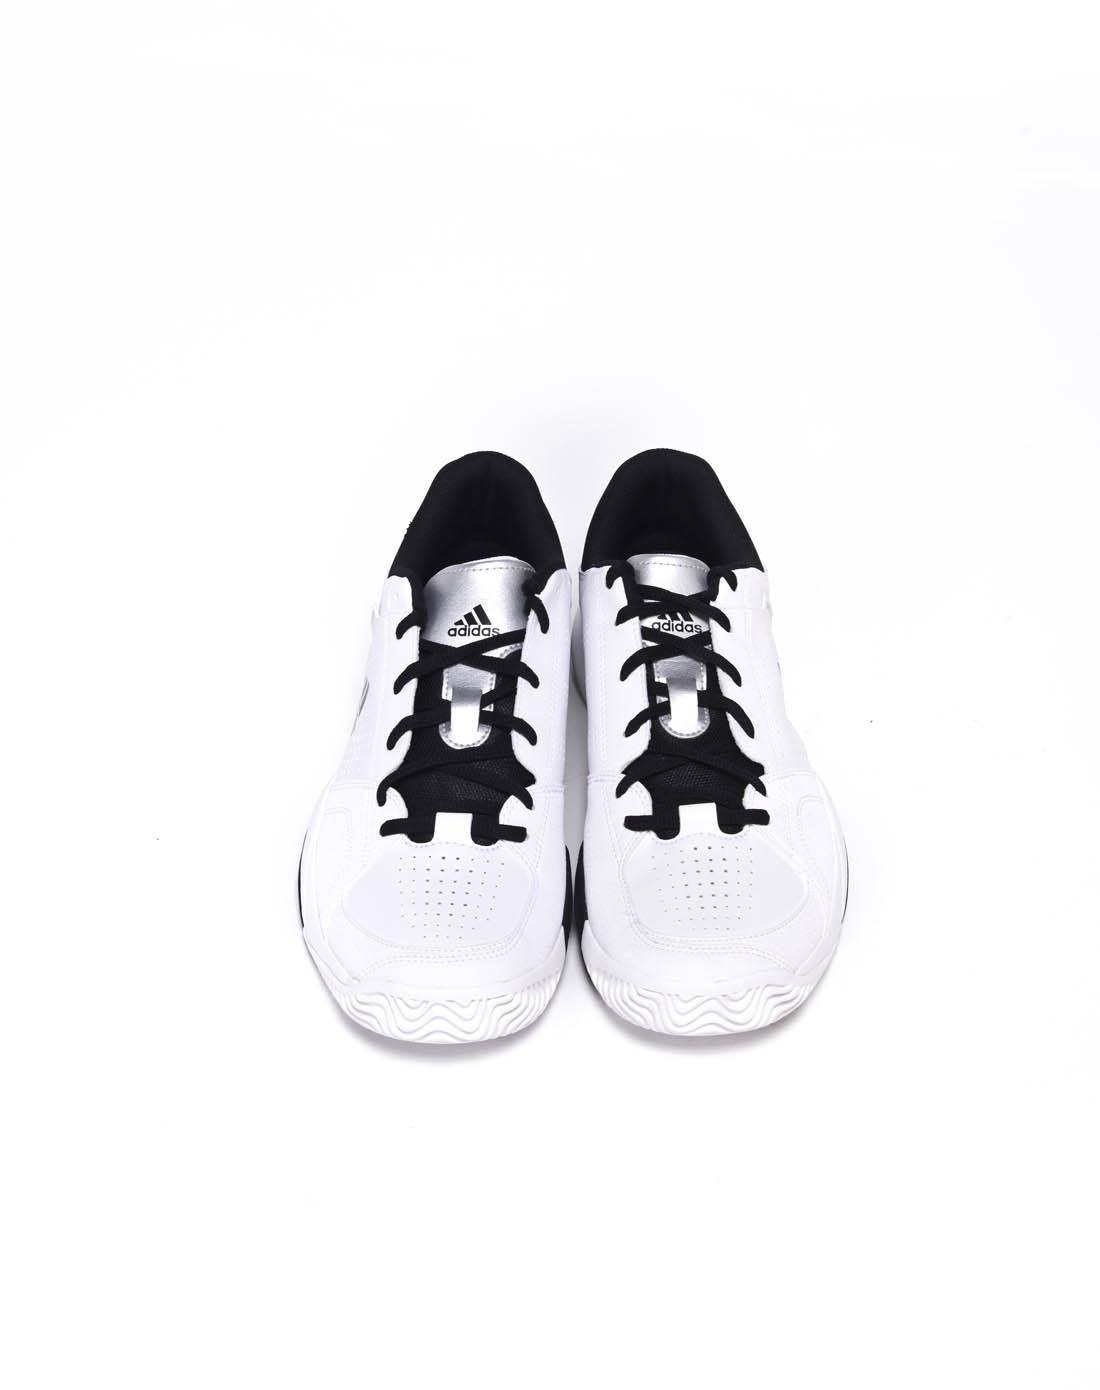 阿迪达斯adidas男子白色网球鞋v23279